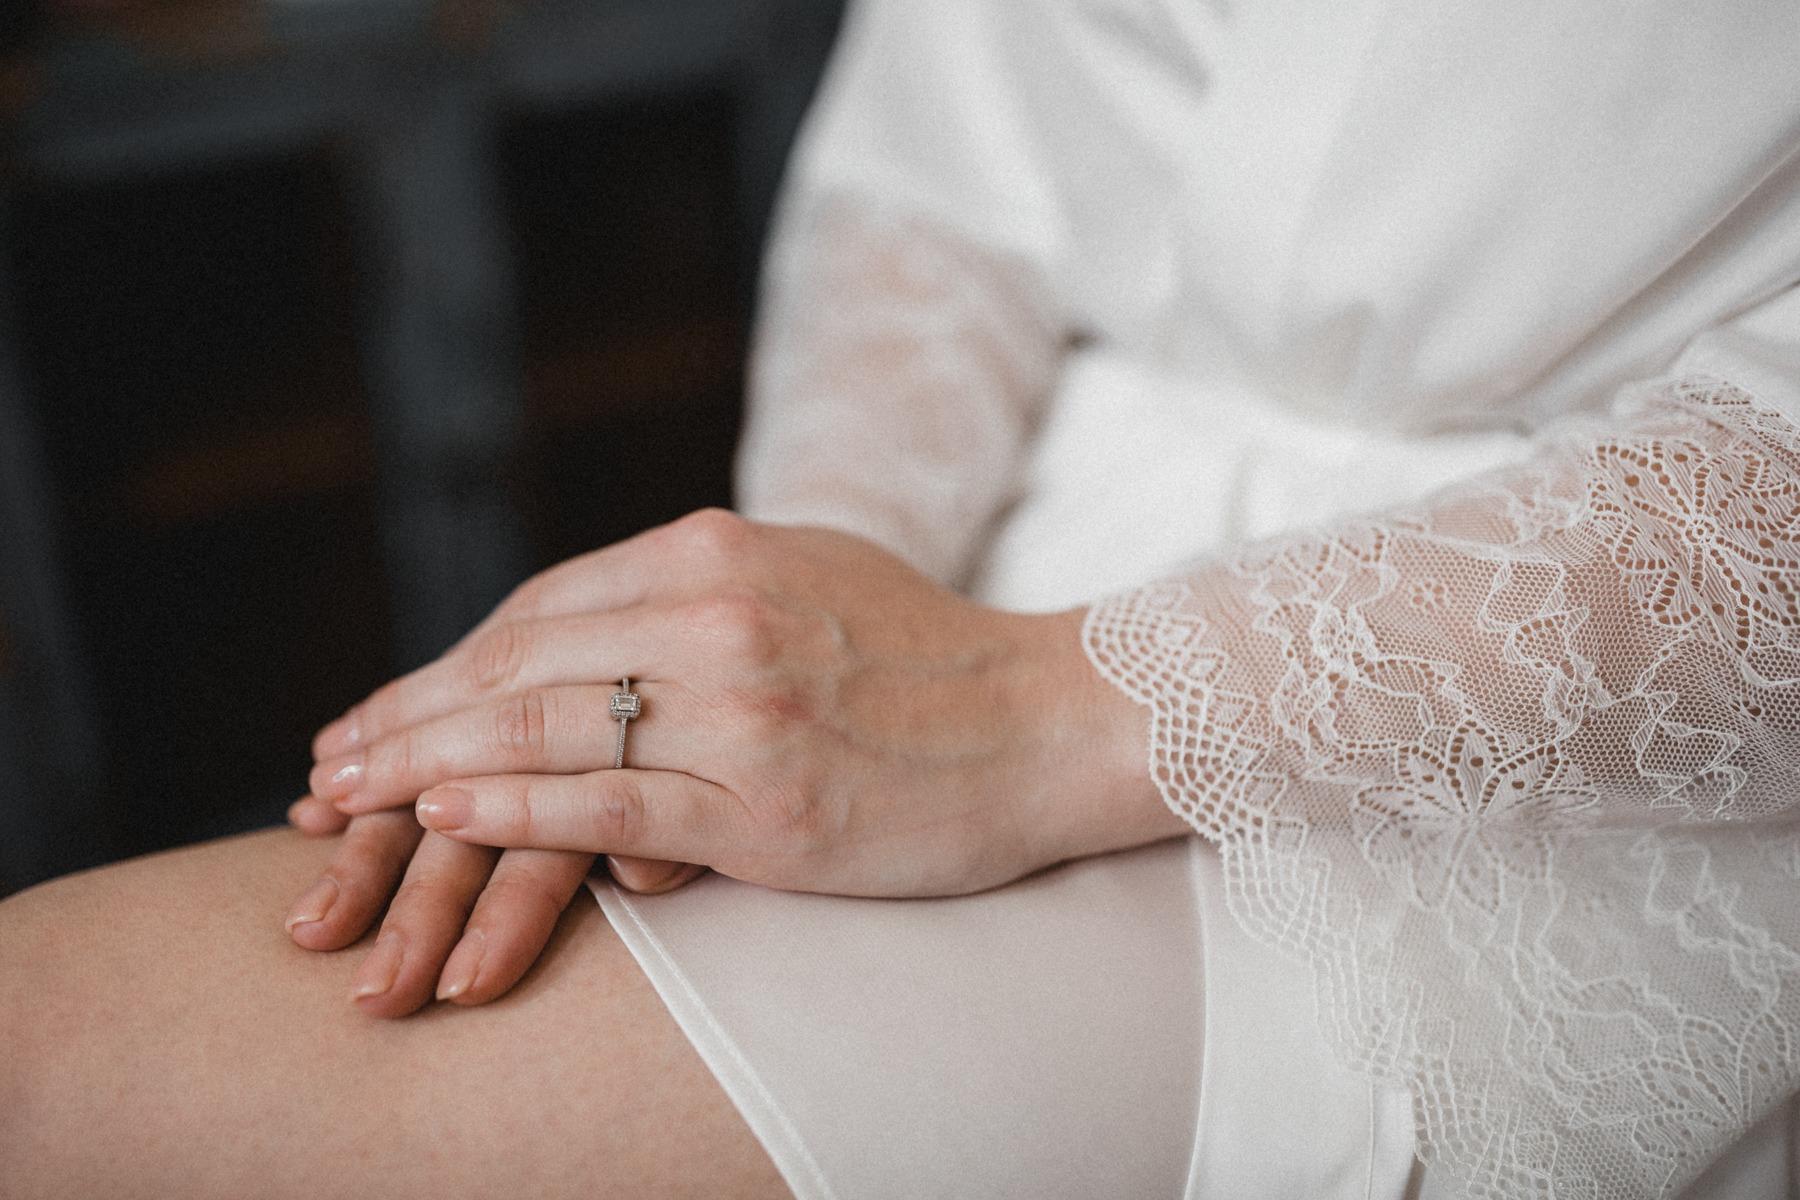 Getting Ready der Braut am Hochzeitstag: Die natürliche Gel-Maniküre in Zartrosa und mein Verlobungsring noch (!) an der linken HandDie natürliche Gel-Maniküre in Zartrosa und mein Verlobungsring noch (!) an der linken Hand